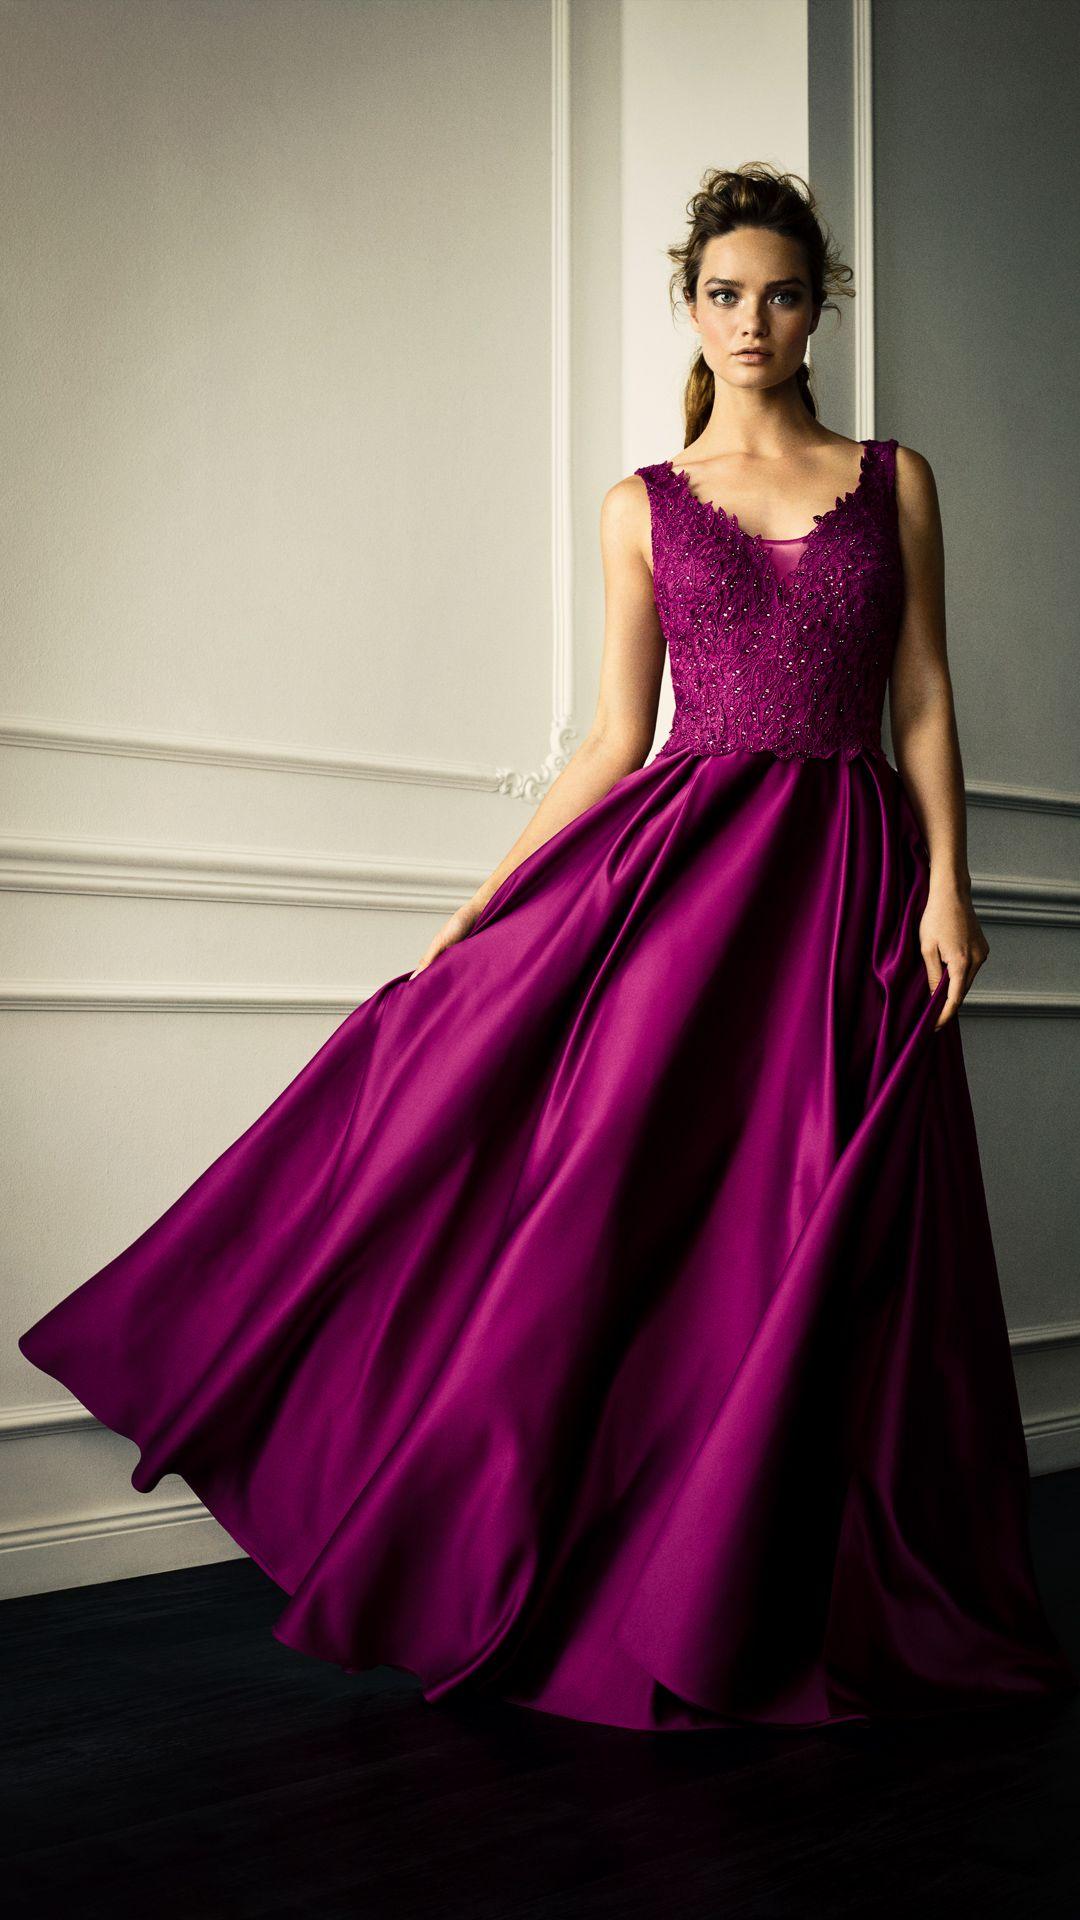 Pin Von Lili Auf Dresses Abendkleid Ballkleid Kleider